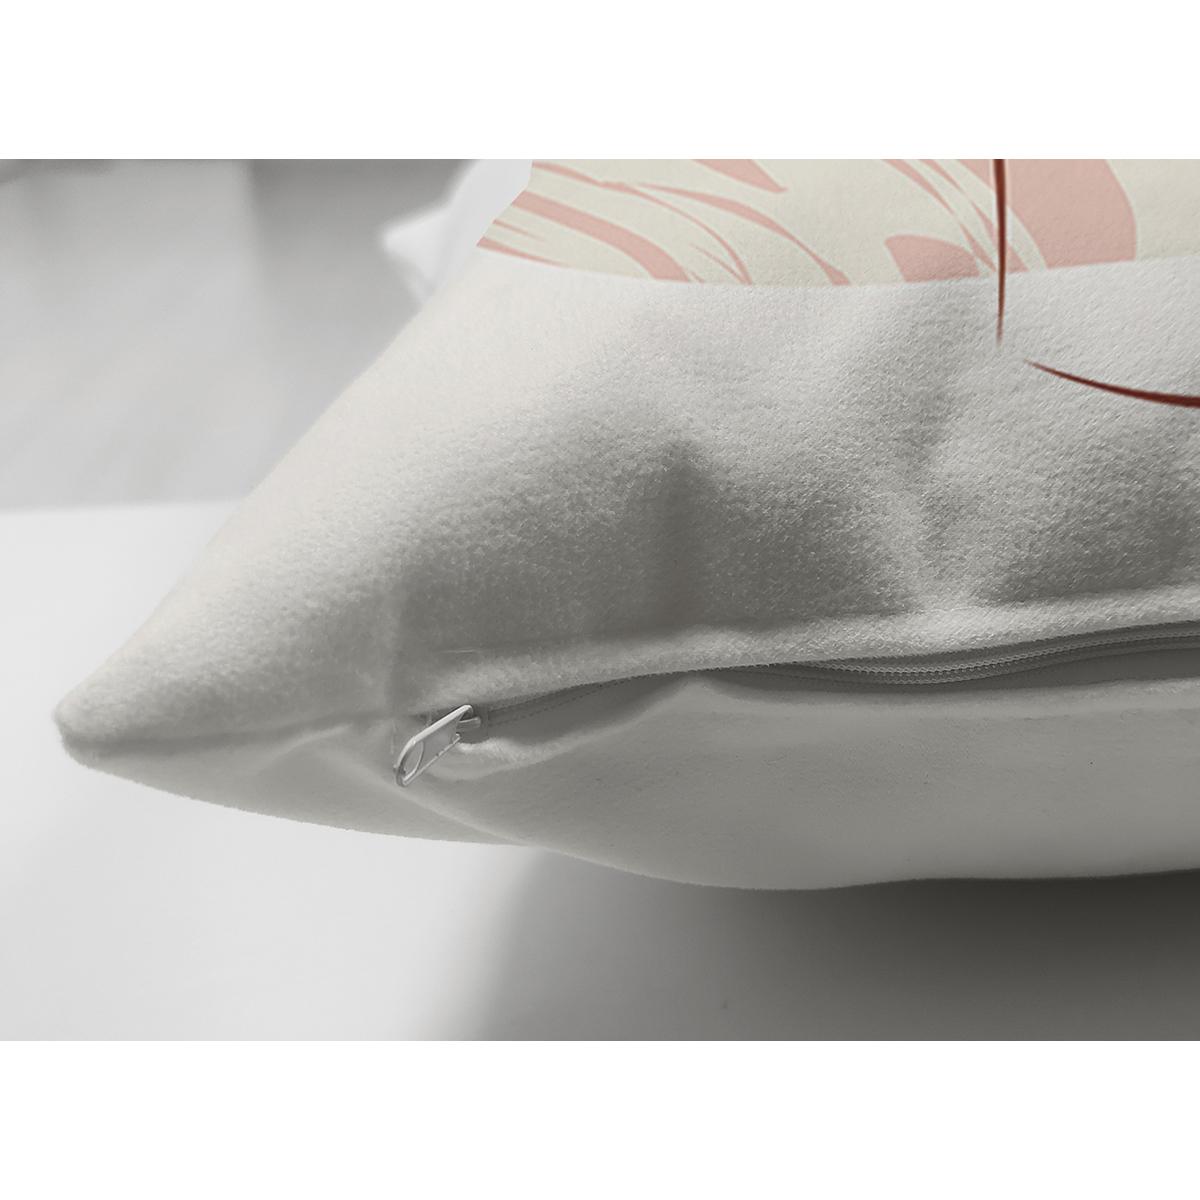 Çift Taraflı Beyaz Zeminde Soyut Çizimli Dijital Baskılı Modern Süet Yastık Kırlent Kılıfı Realhomes